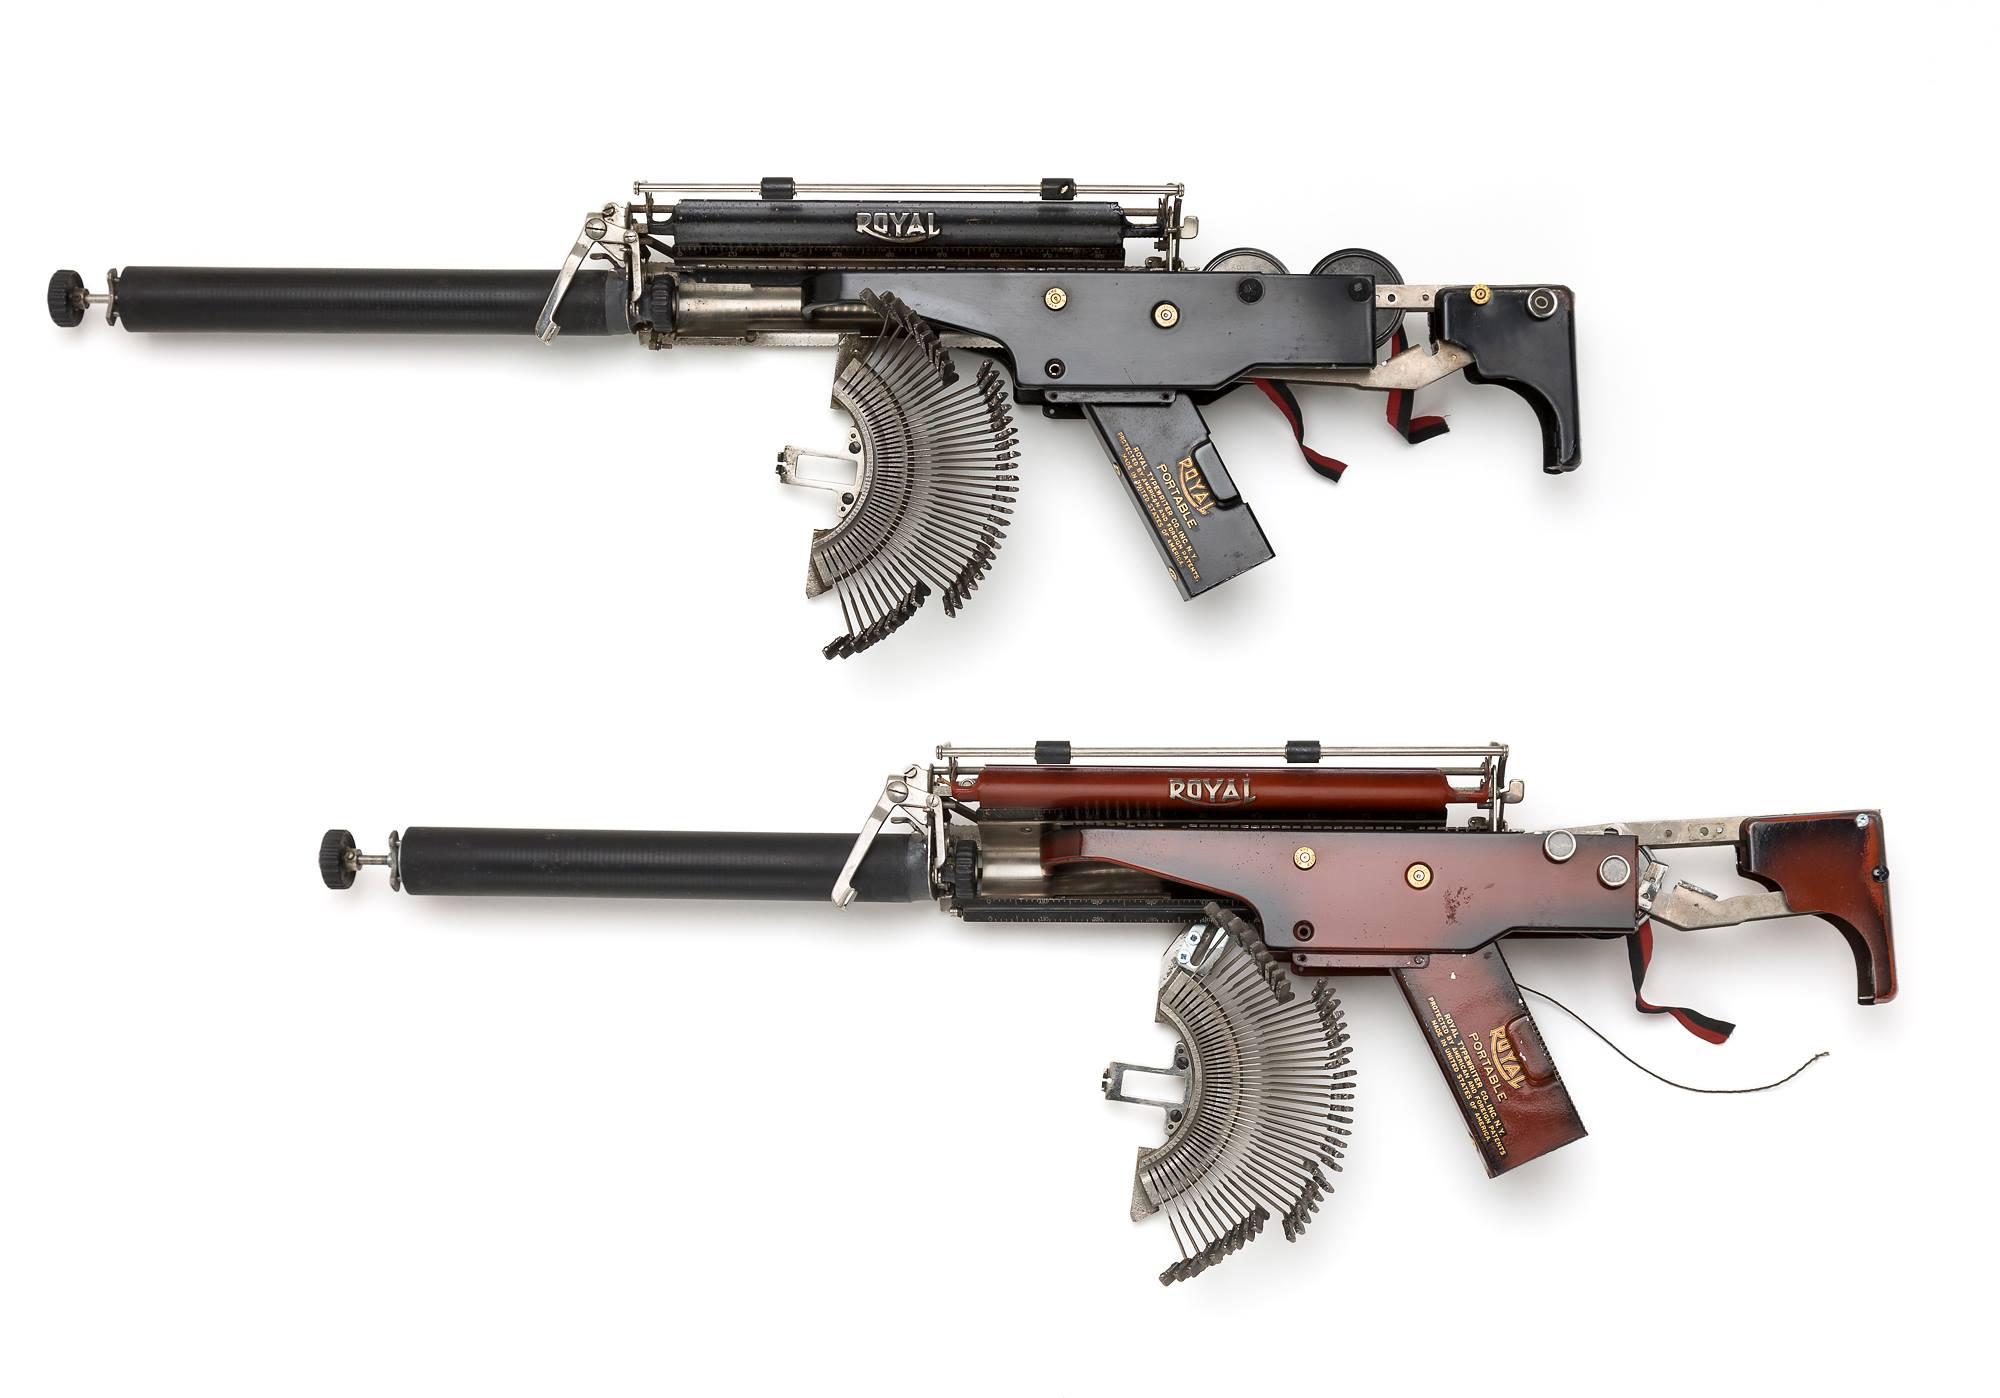 Typewriter guns / Boing Boing